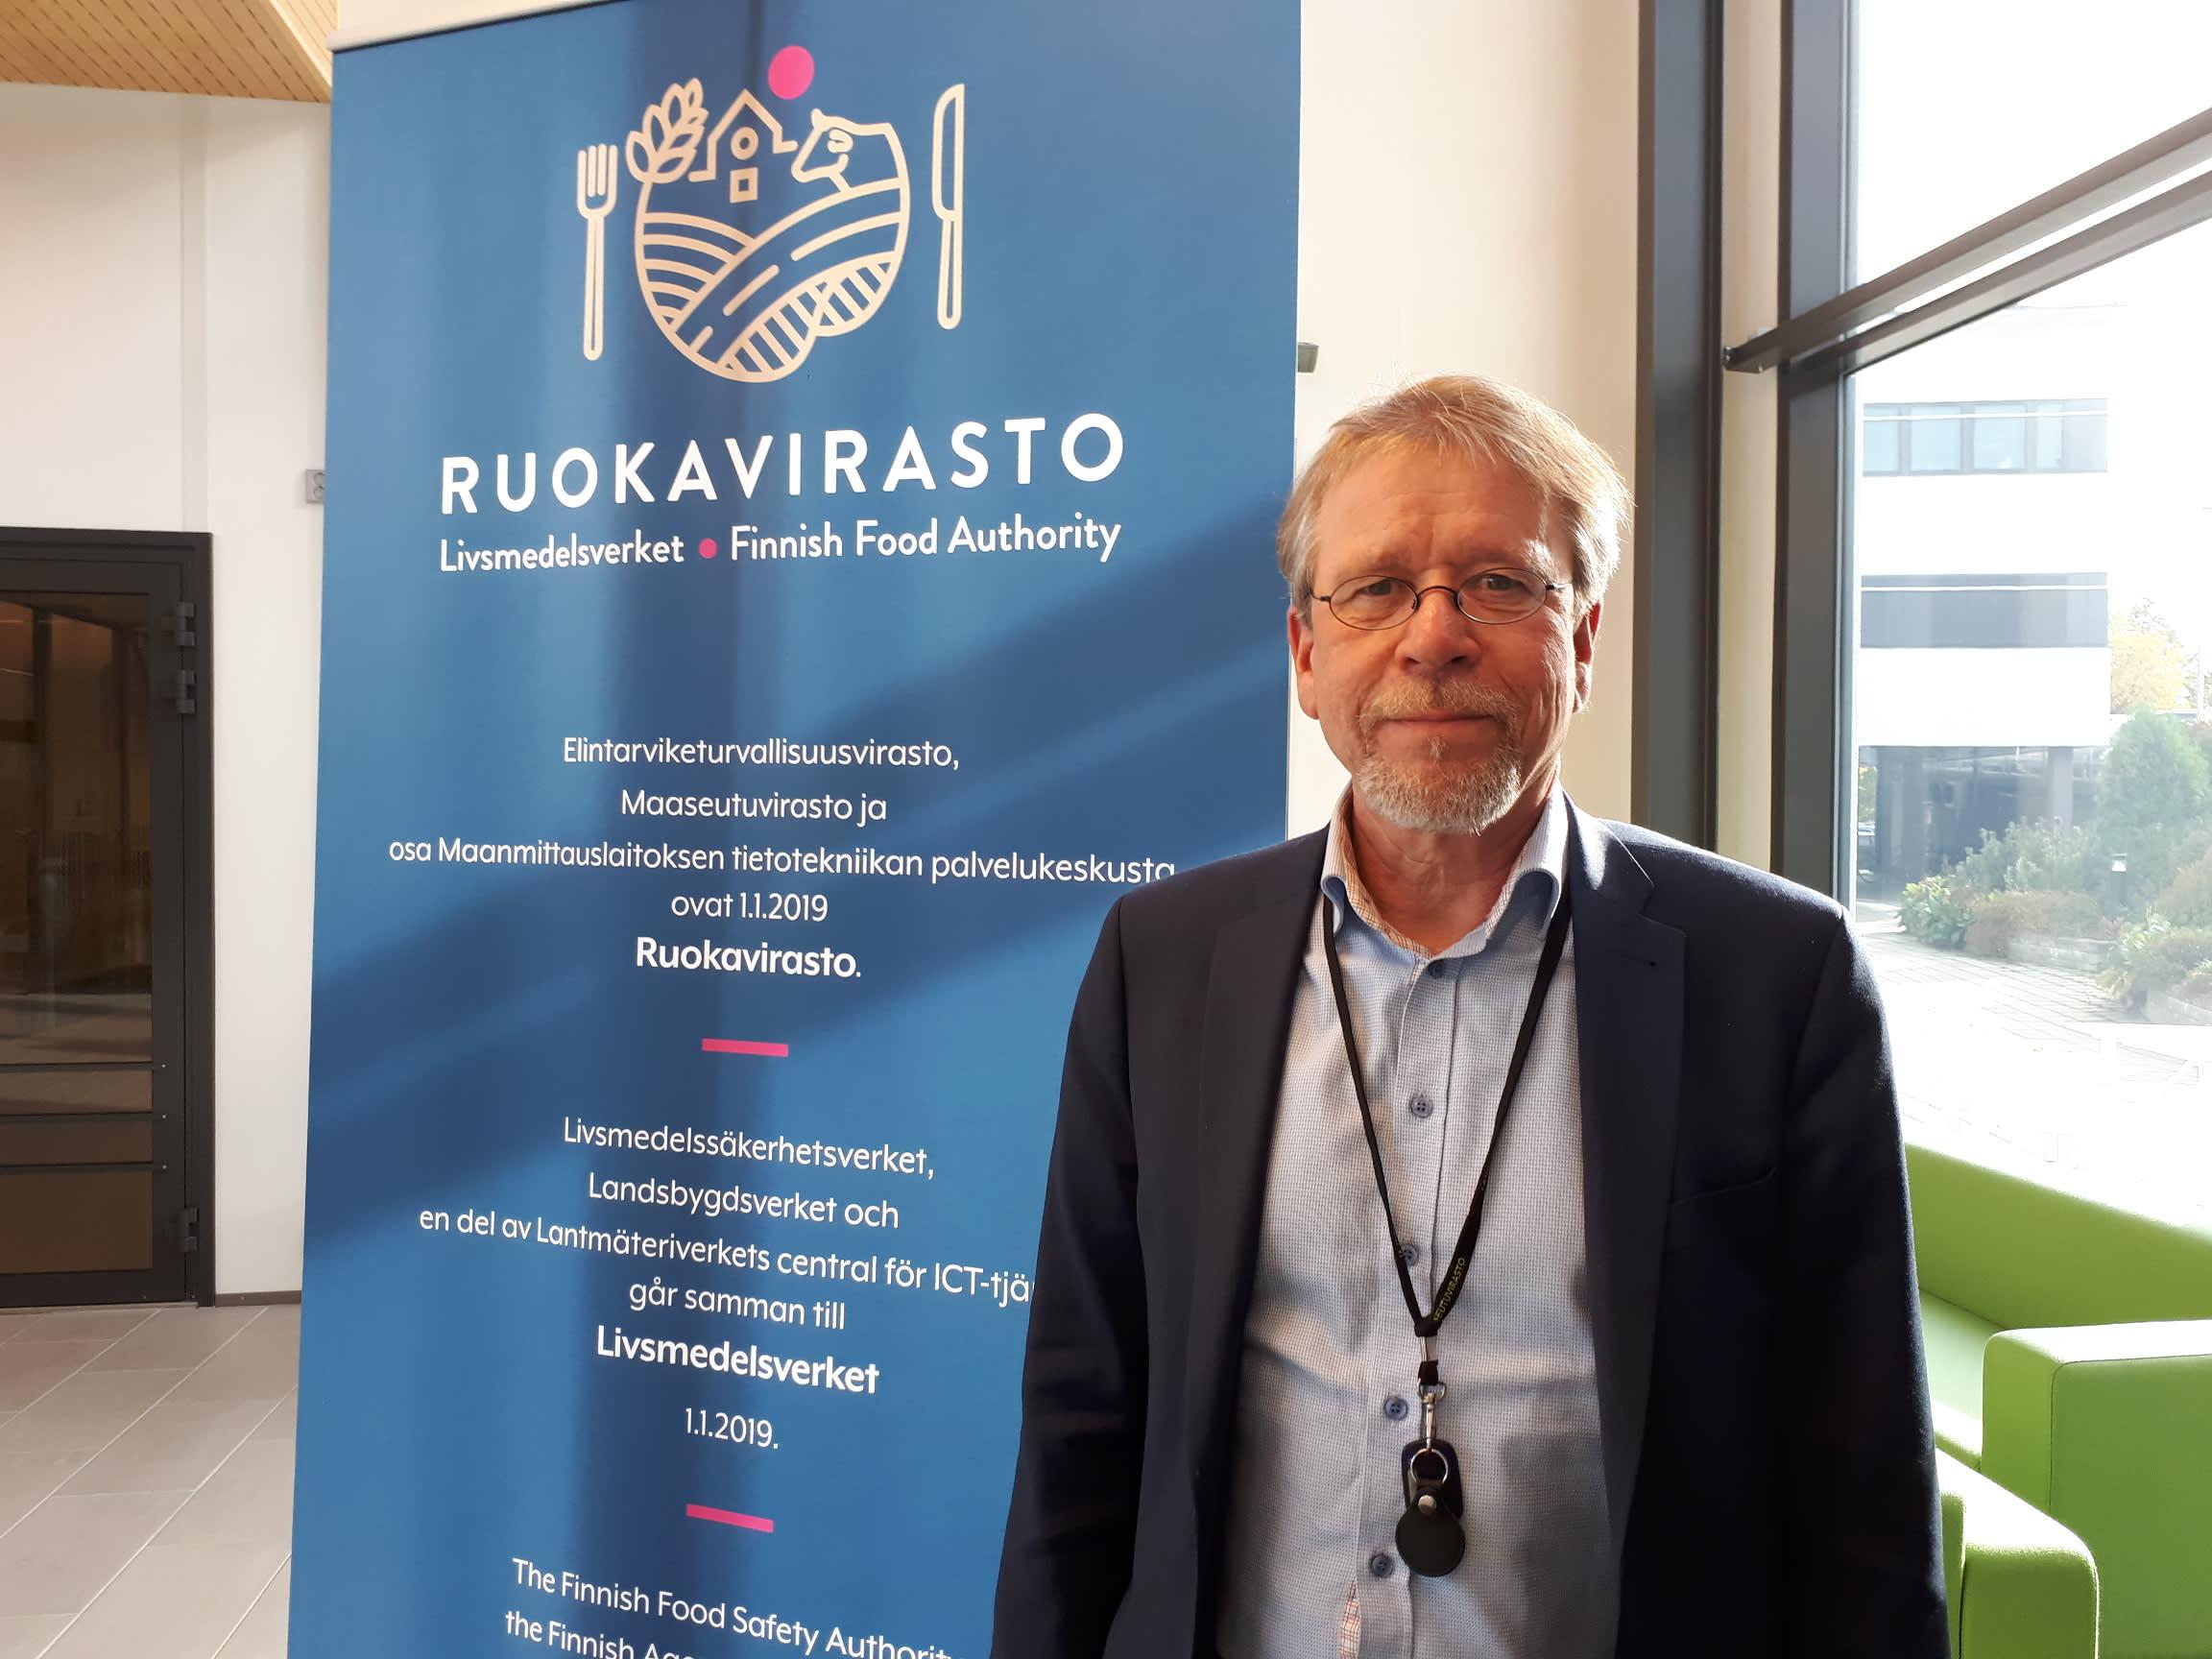 Ruokaviraston pääjohtajana 8.10.2018 aloittava Antti-Jussi Oikarinen